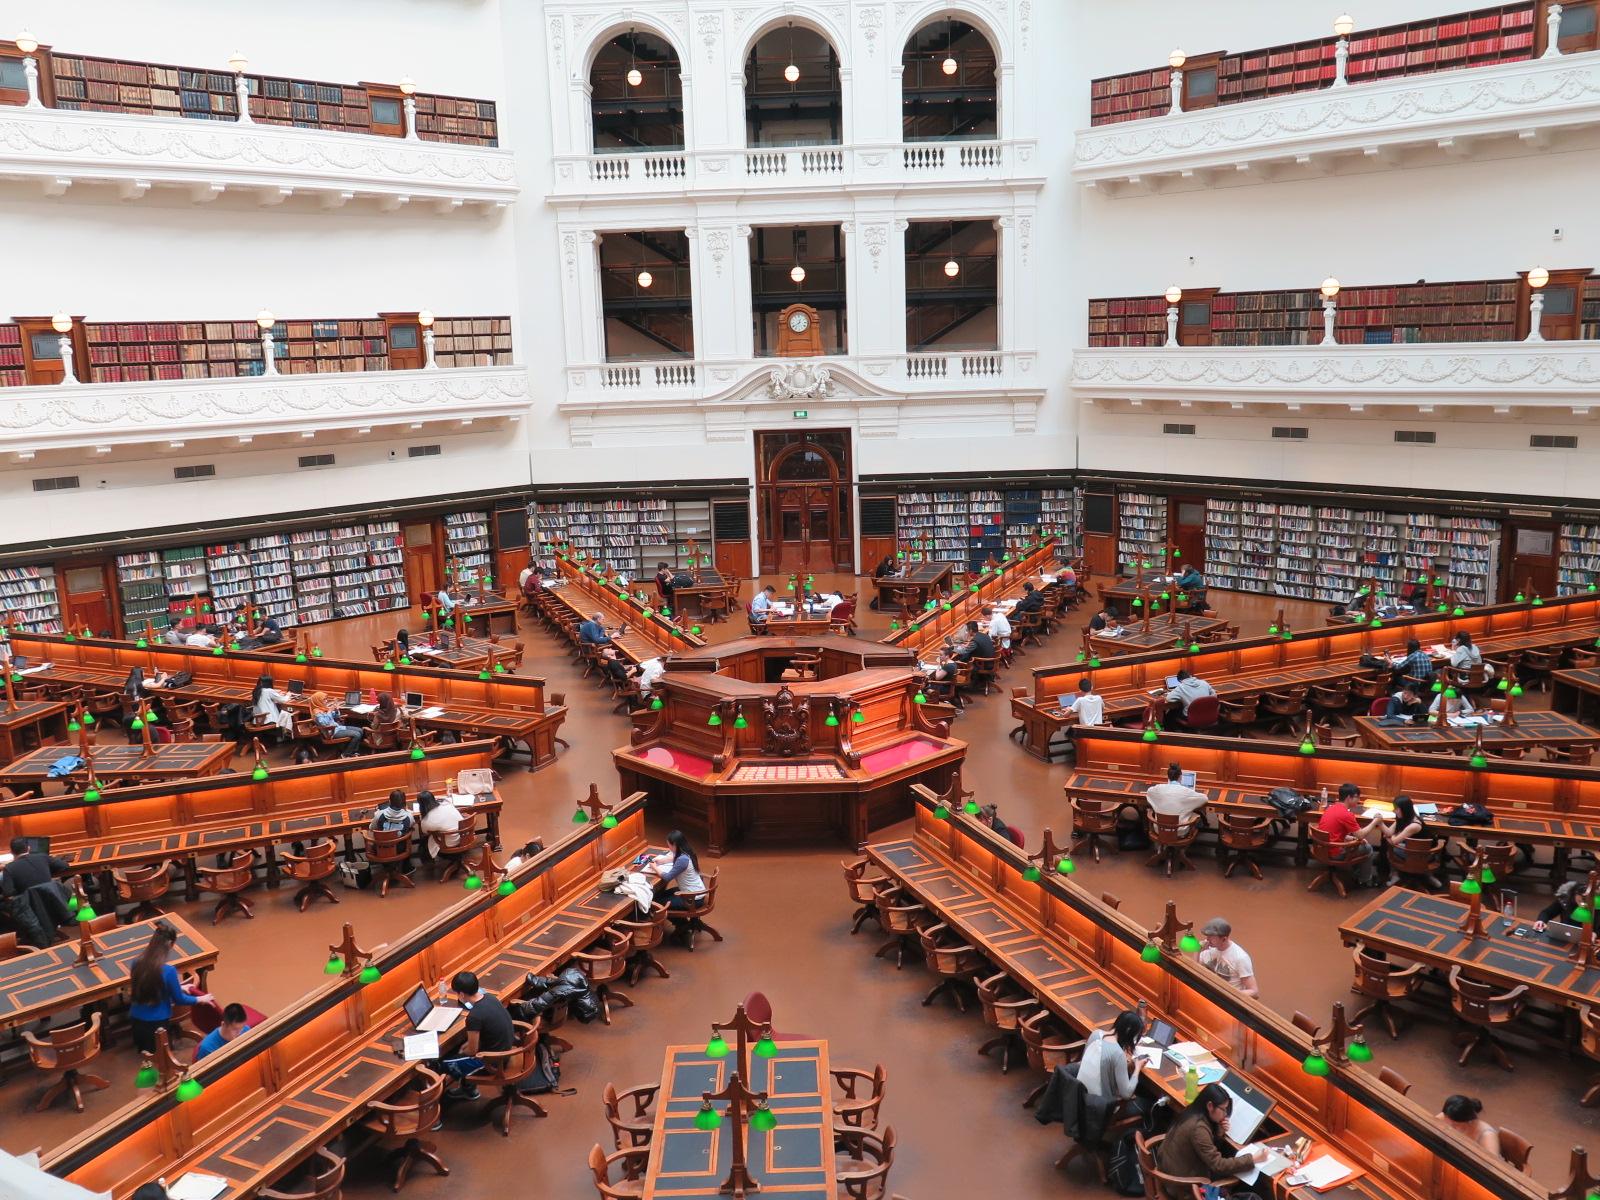 Интерьер государственной библиотеки Виктория